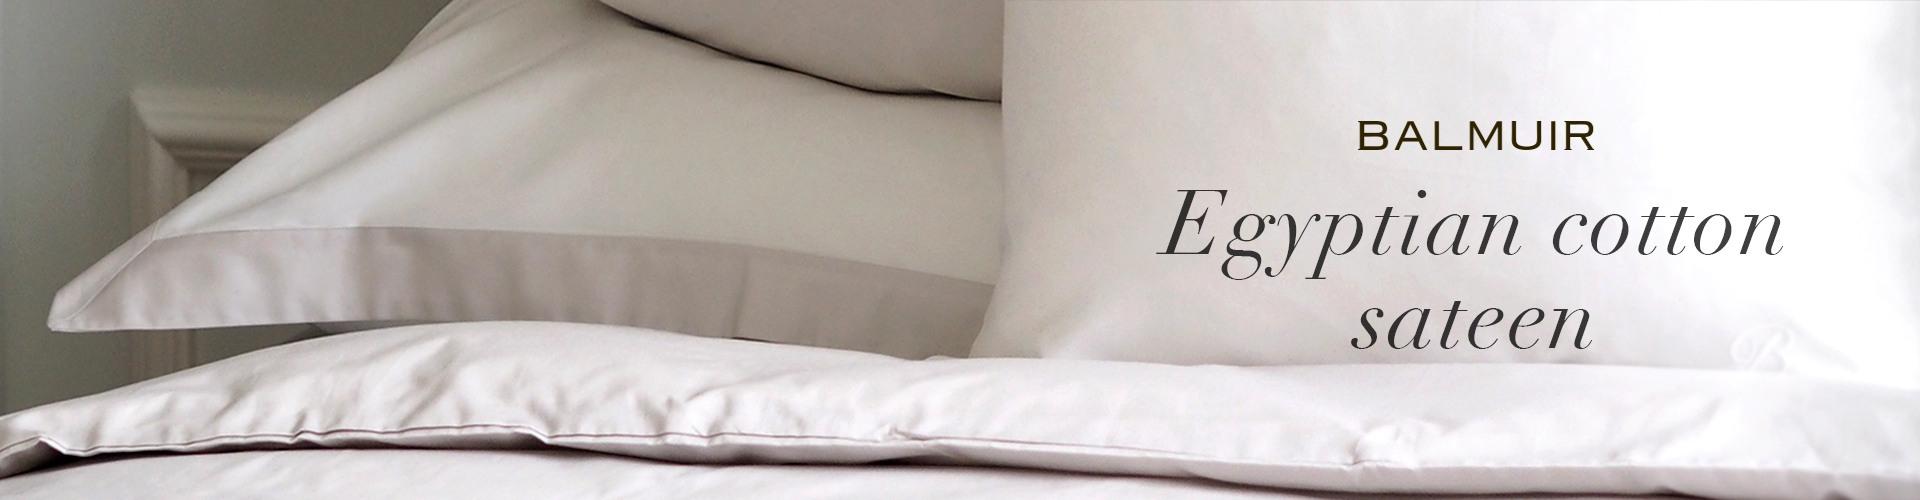 Egyptian cotton sateen